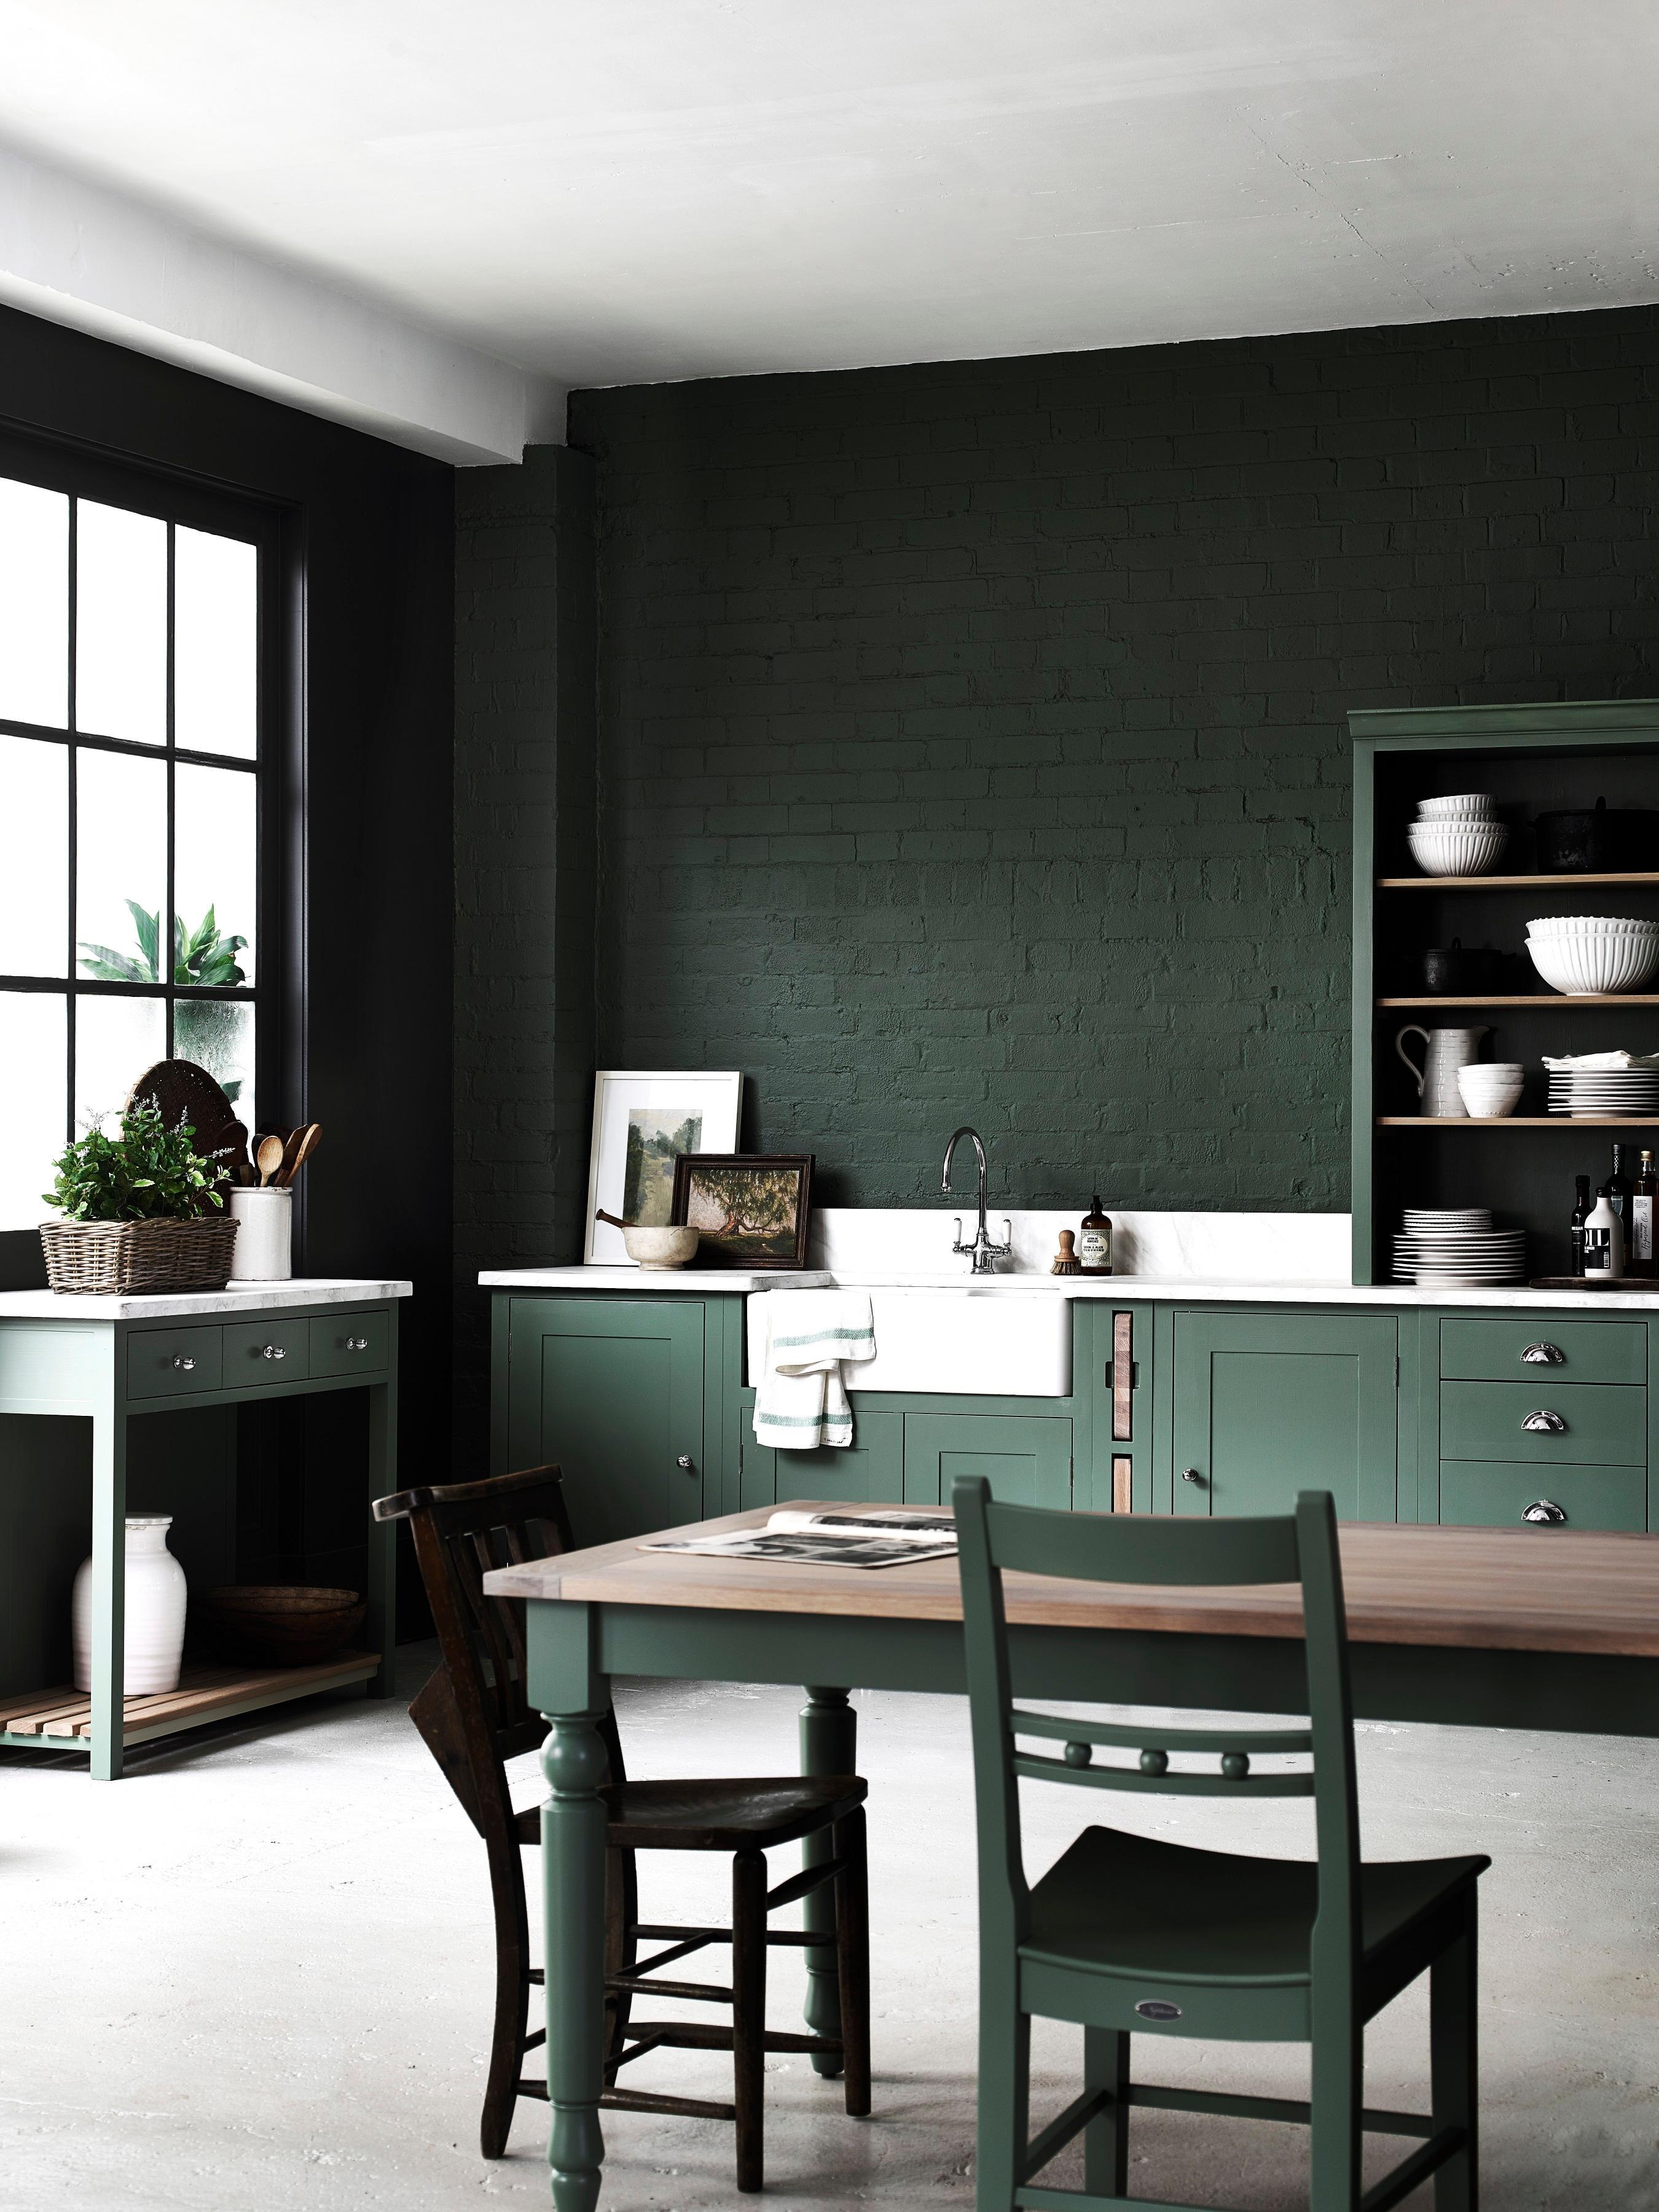 Suffolk Küche #wandfarbe #regal #geschirr #landhausstil #küchenregal  #küchentisch #bunteküche